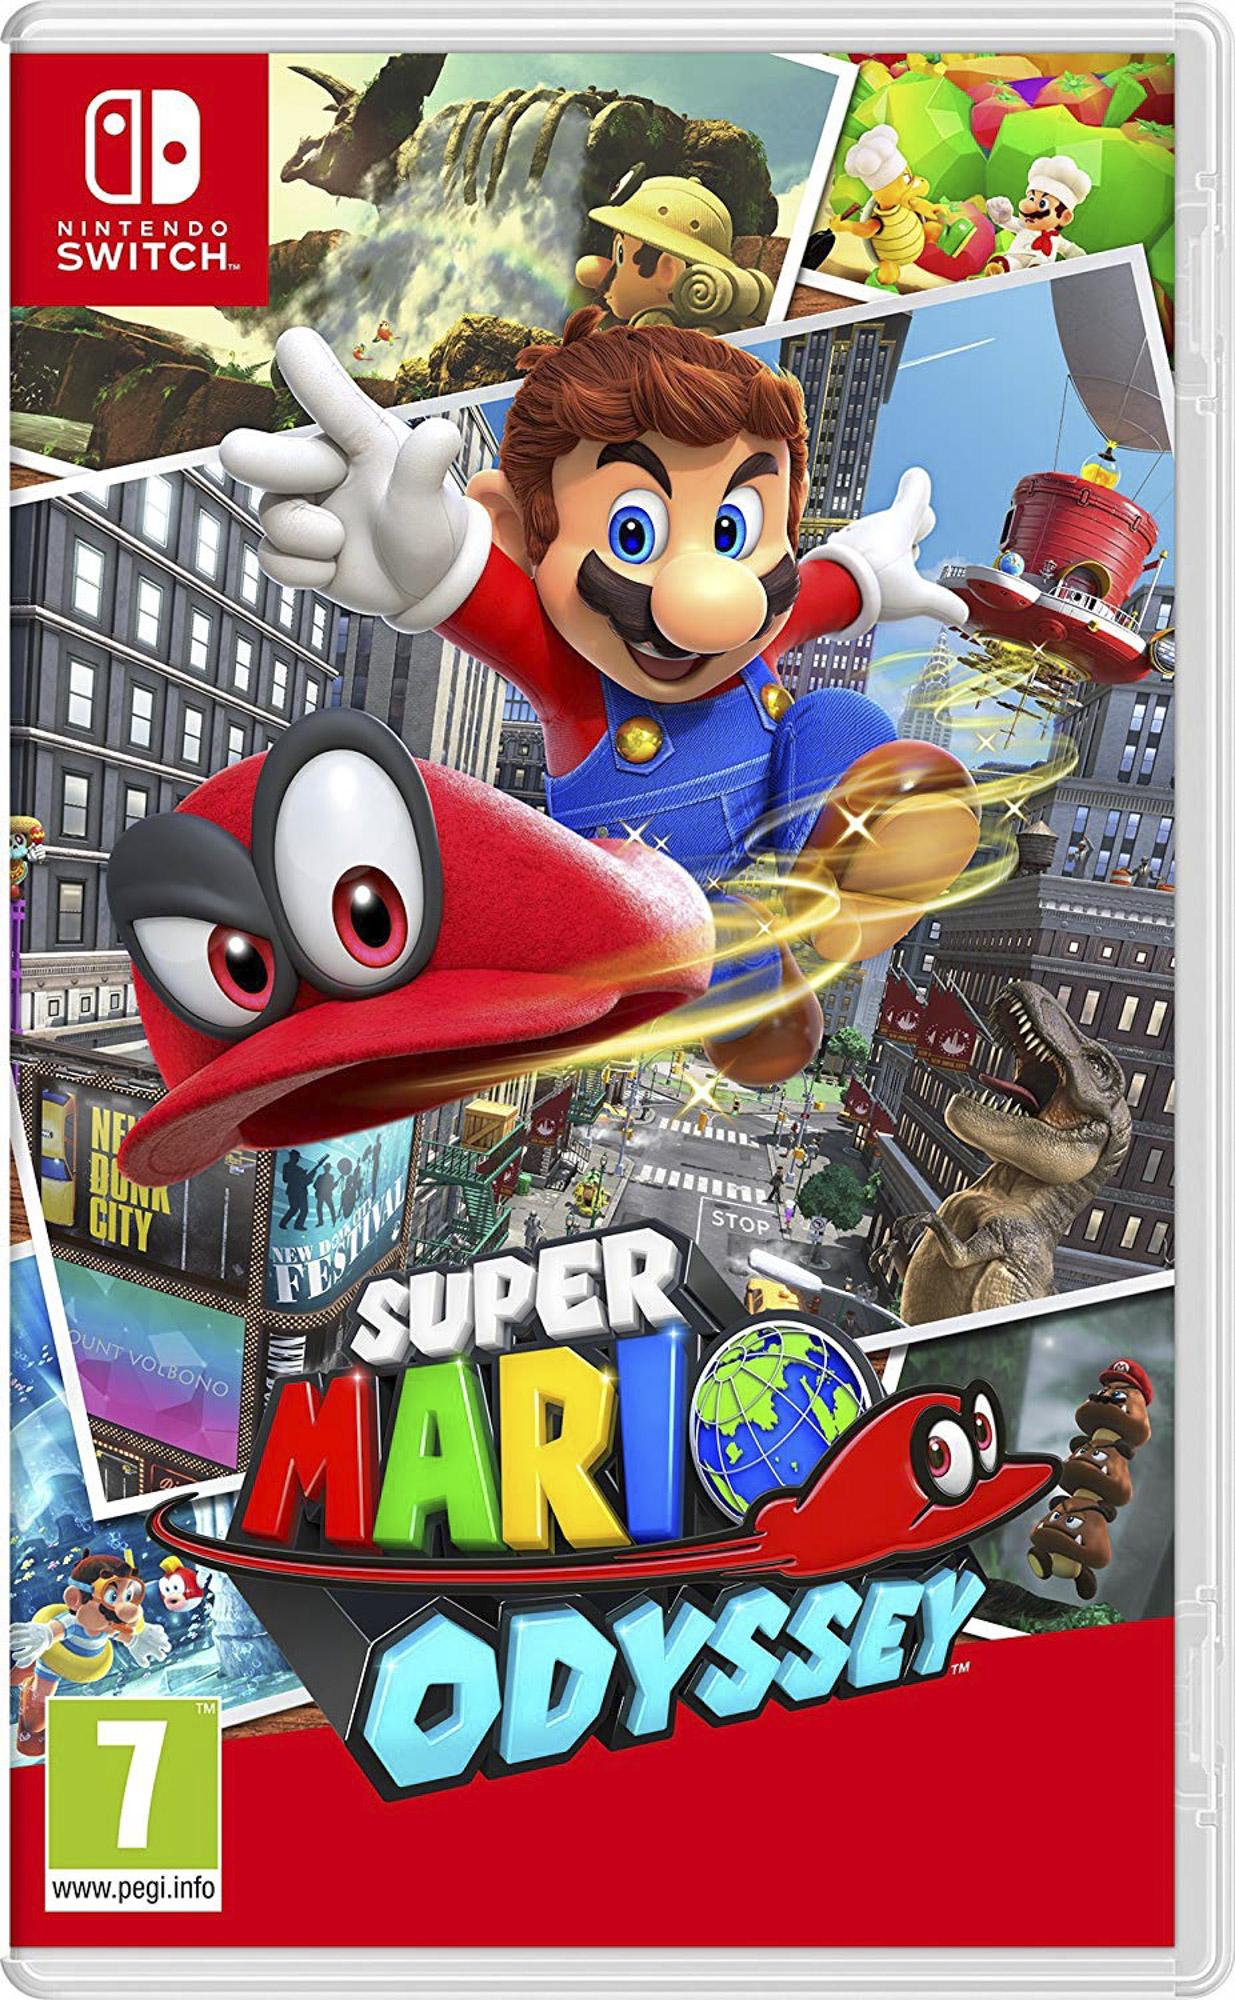 Mario Day Sales